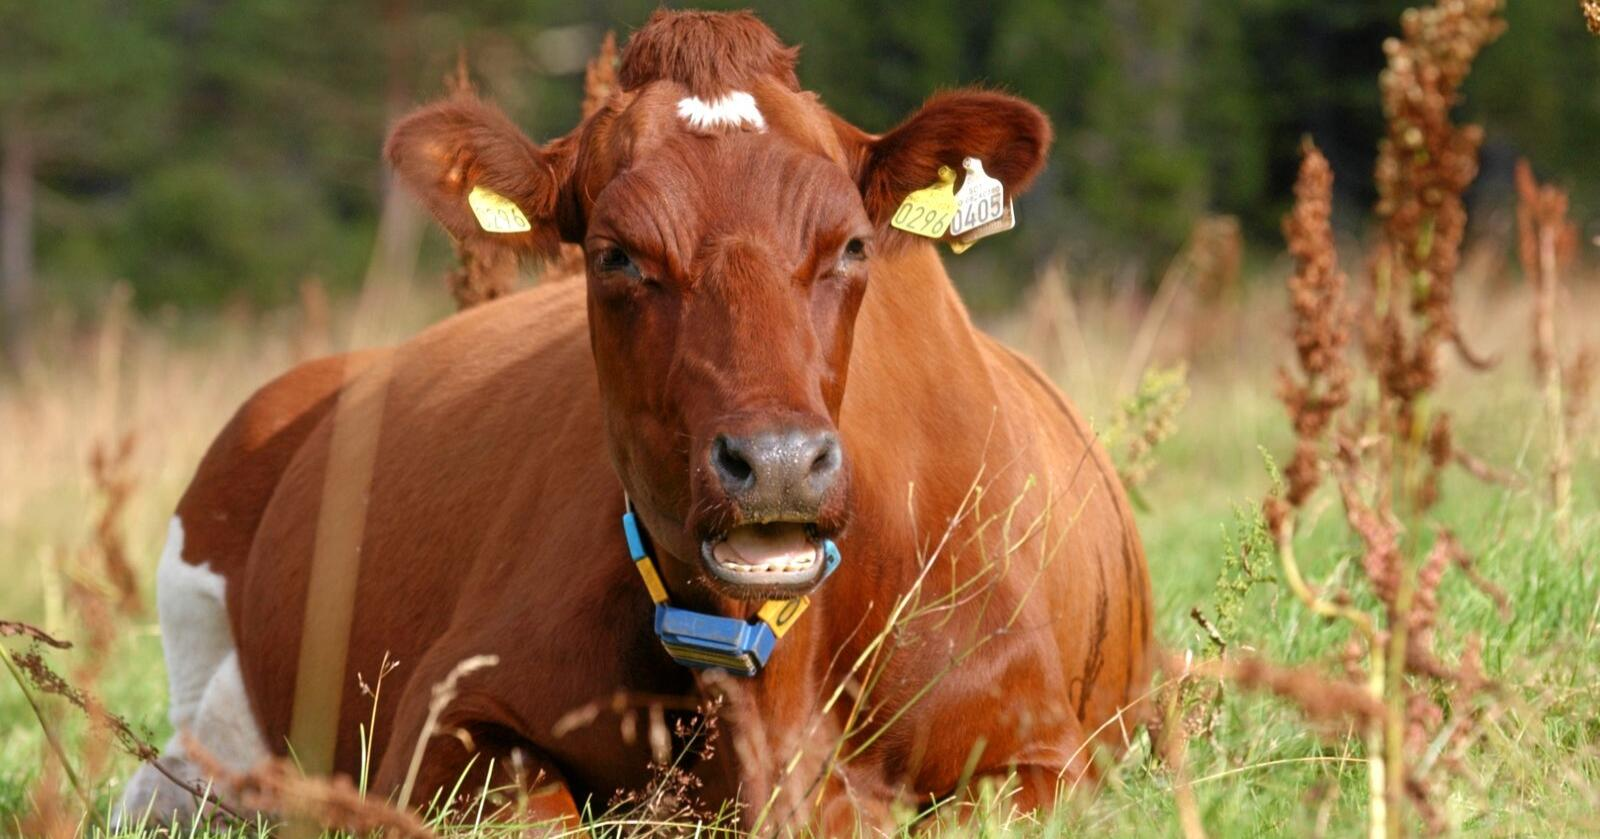 På beite: Vi kan utnytte norske ressurser mer hvis melkekuer fôres på gras og beite og ikke på importert soya og korn. Foto: Mariann Tvete